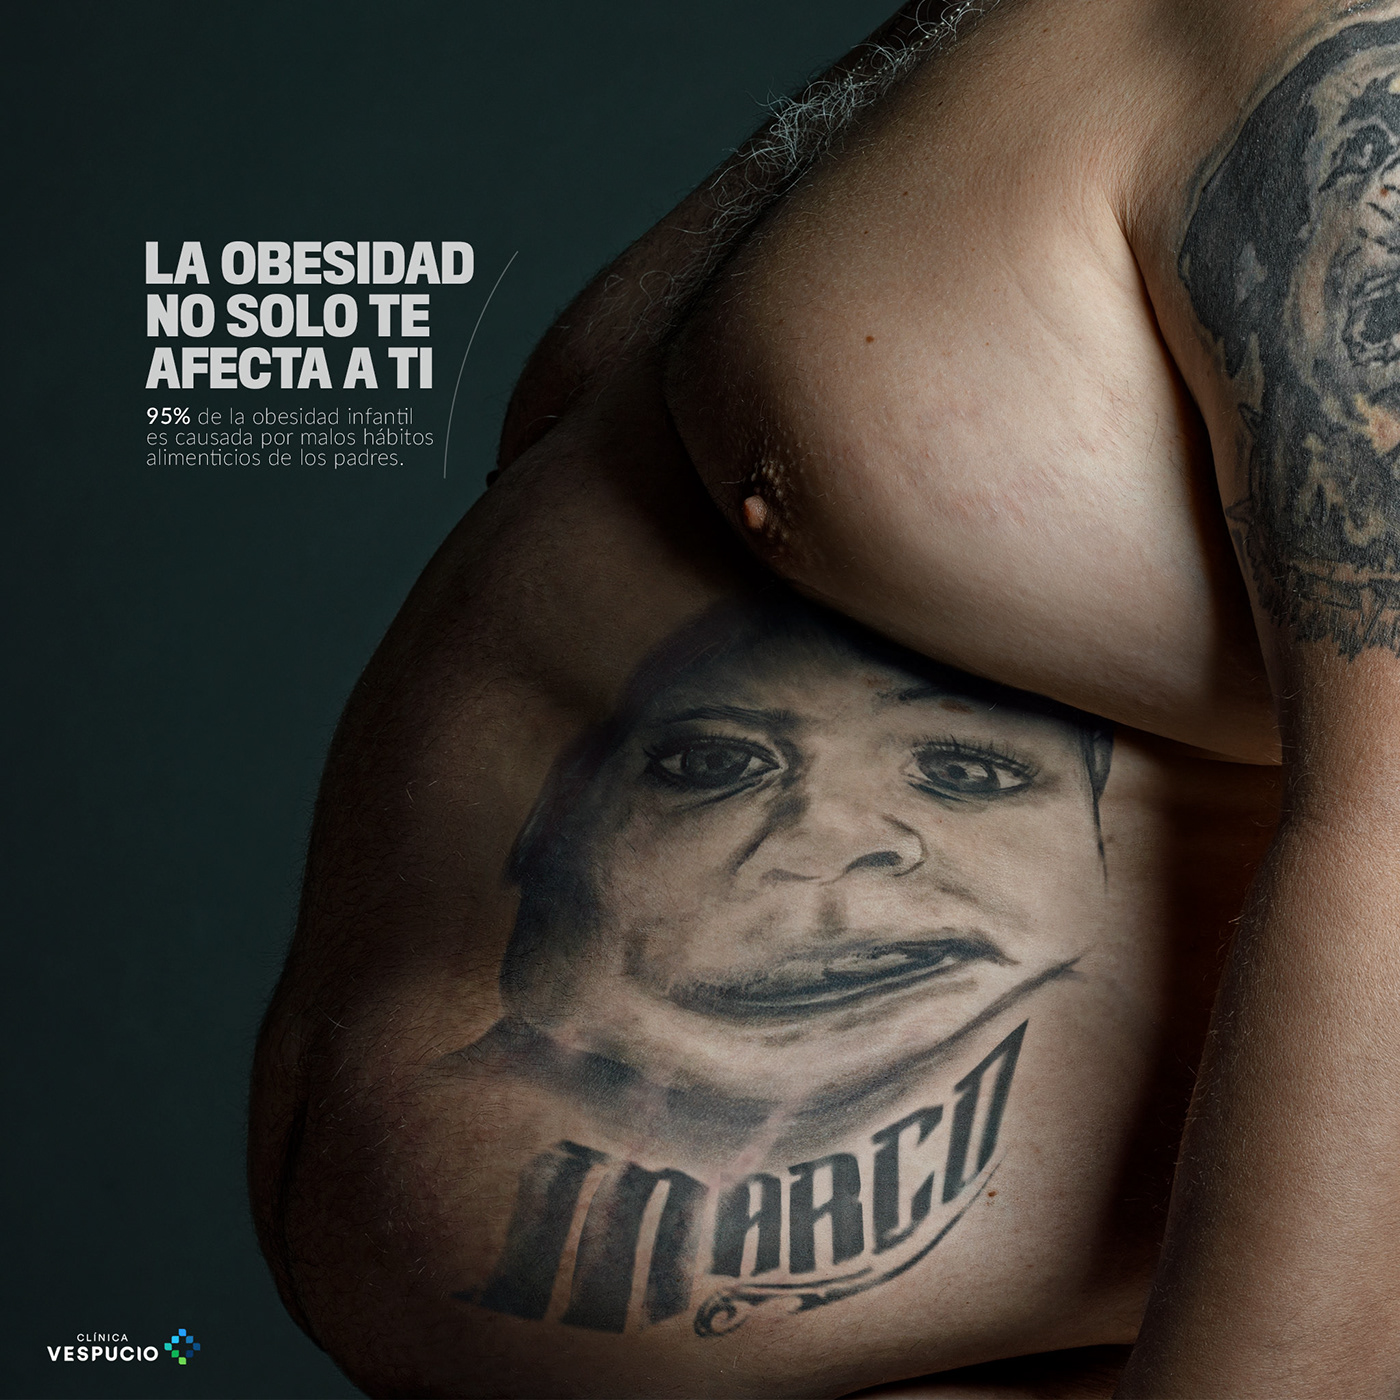 ACHAP festival Shortlist tattoo tatuaje salud premio obesidad piel